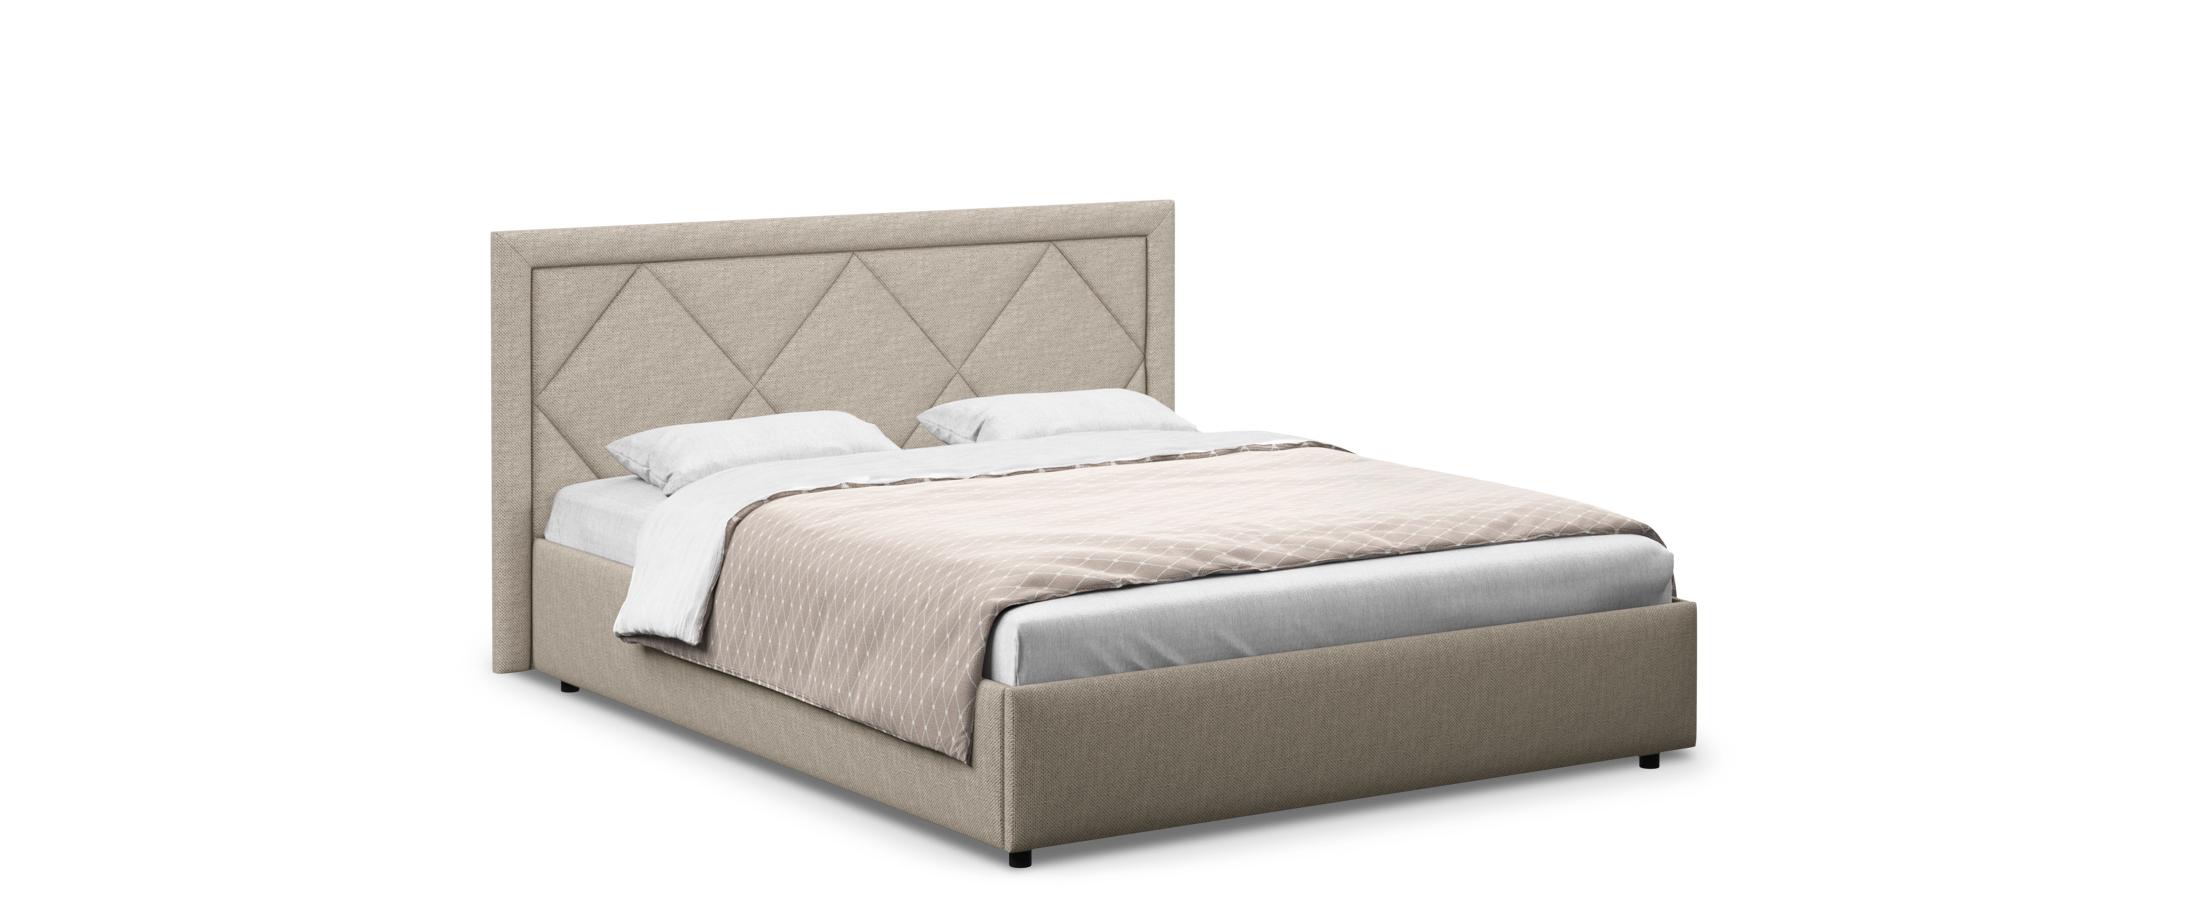 Кровать двуспальная Доменика 160х200 Модель 1203